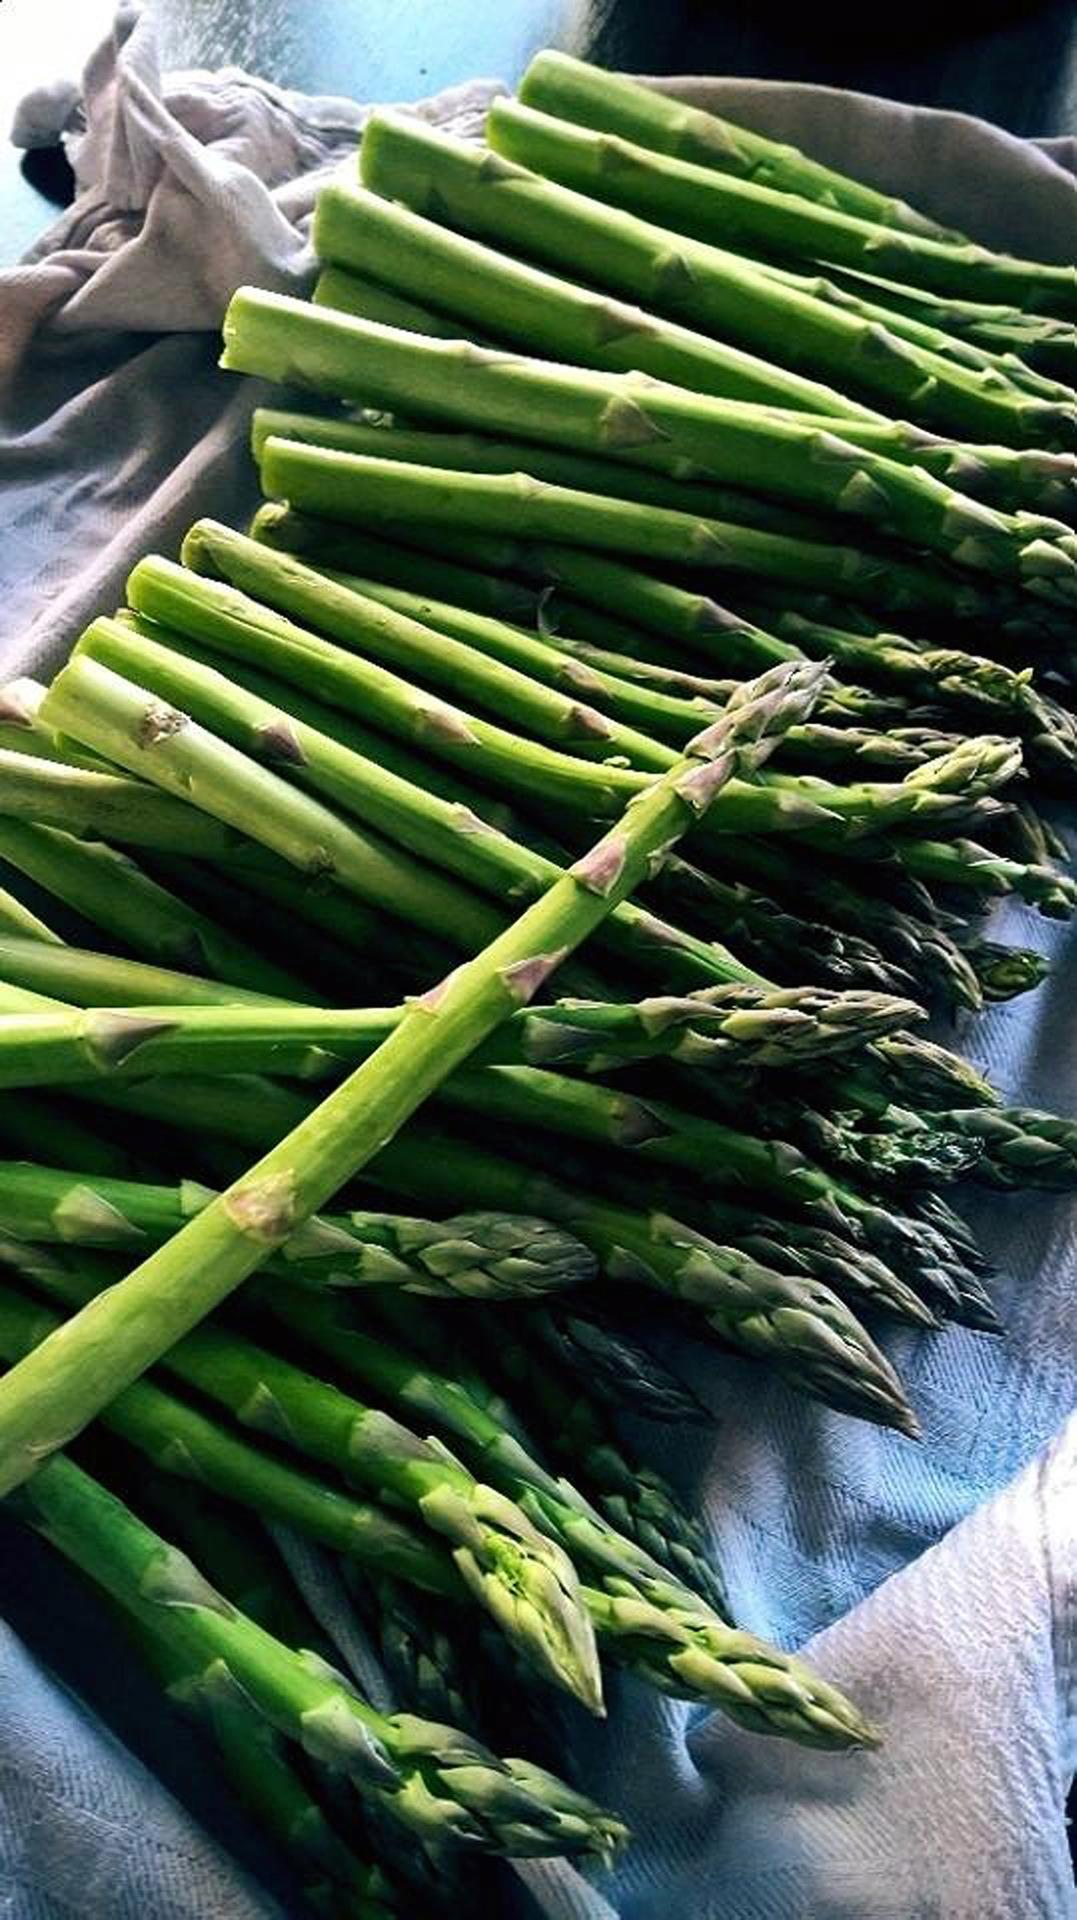 Heerlijk verse groene asperges